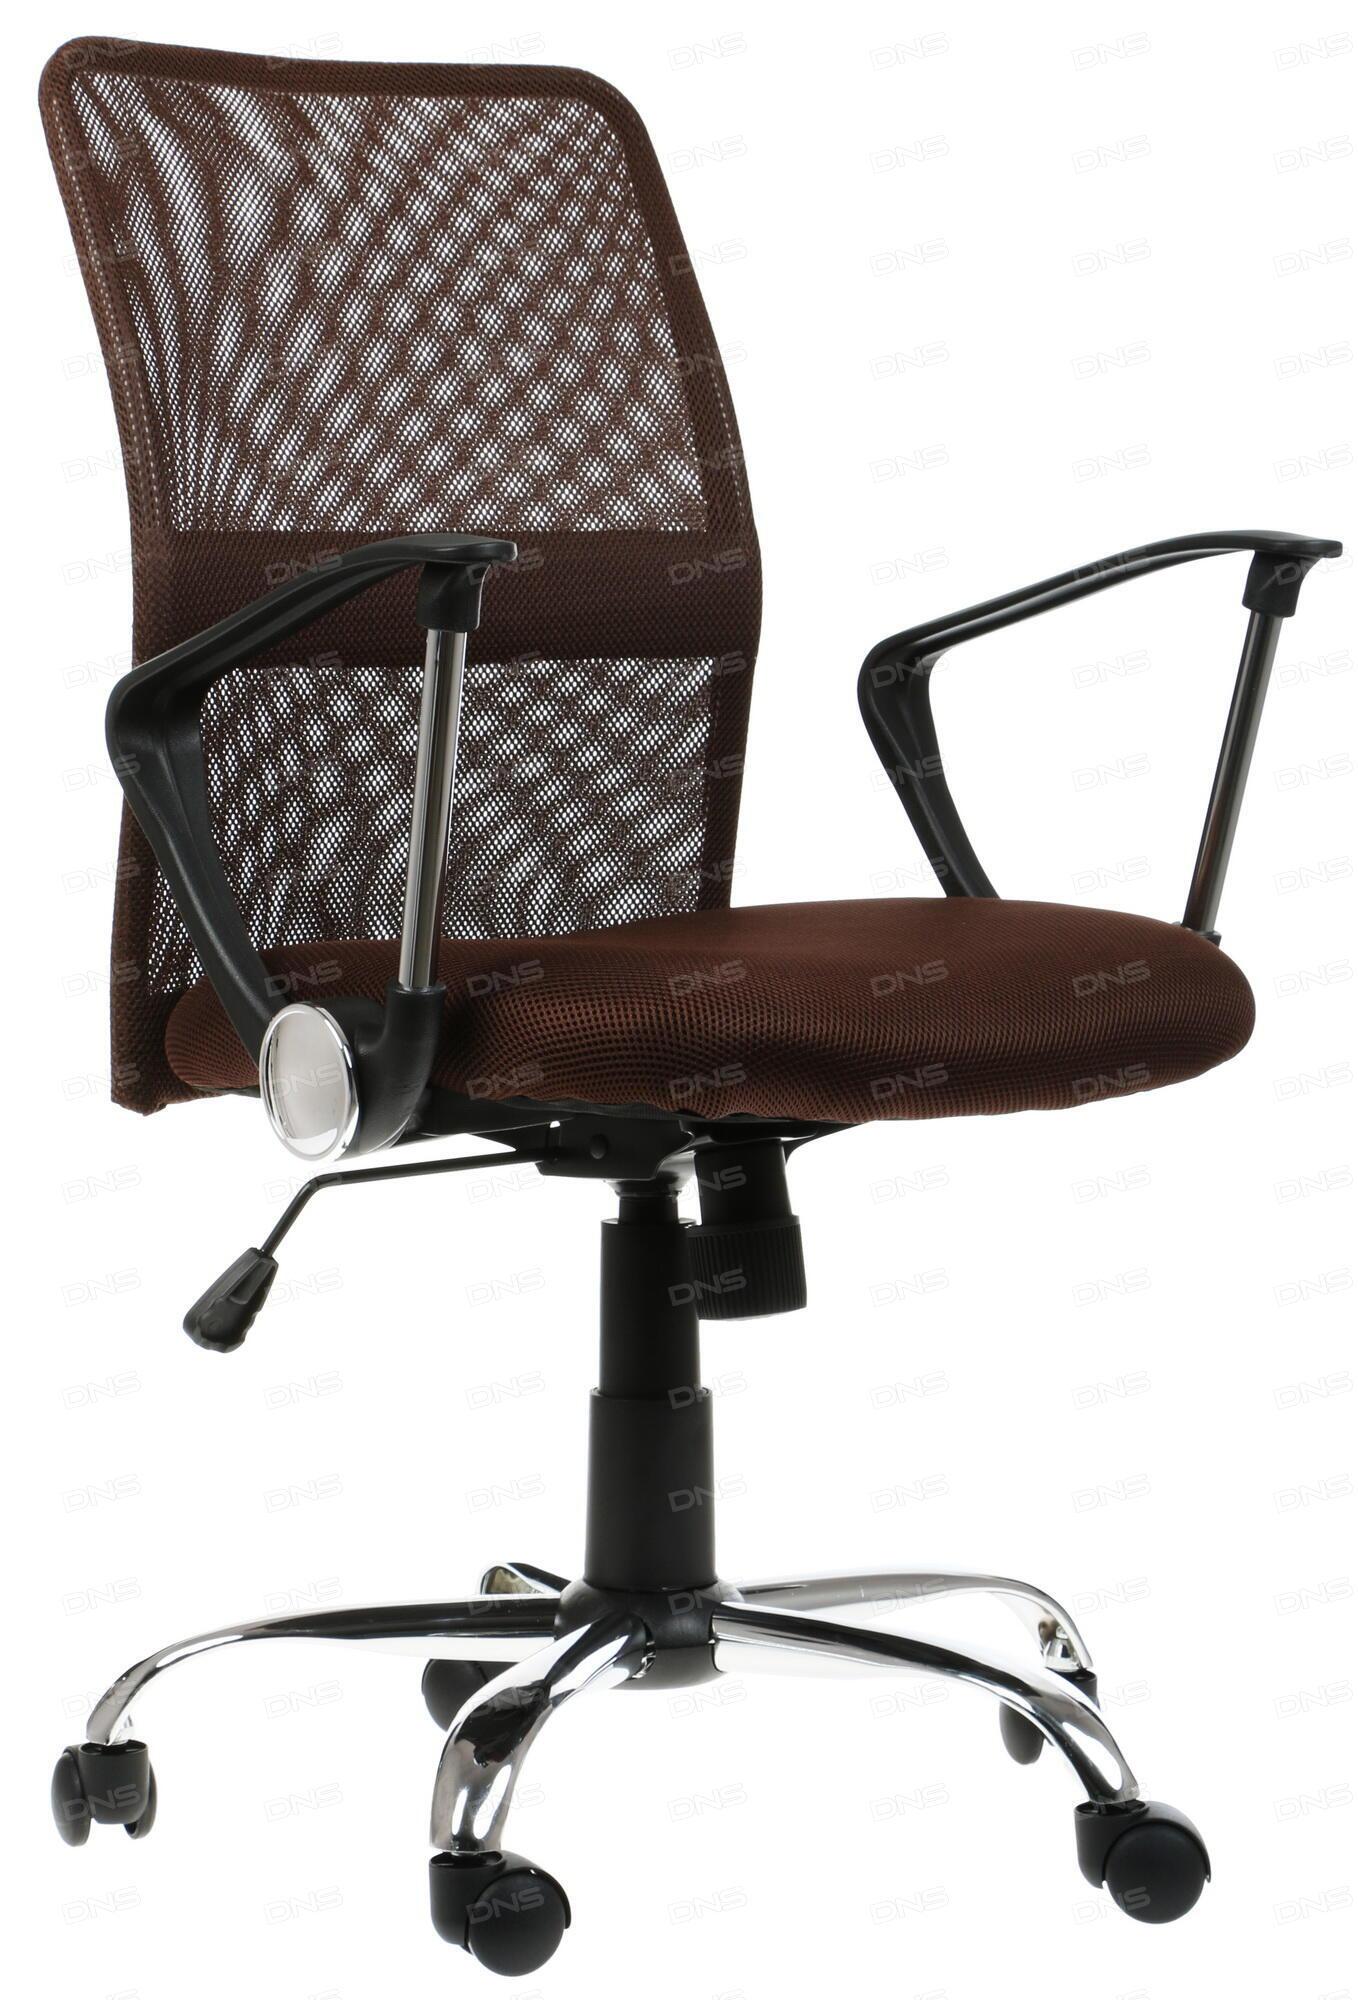 Кресло офисное COLLEGE H-298FA-1 Черный ткань сетчатый акрил 120 кг крестовина хром подлокотники черный пластик. (ШxГxВ) см 51x54x90-100